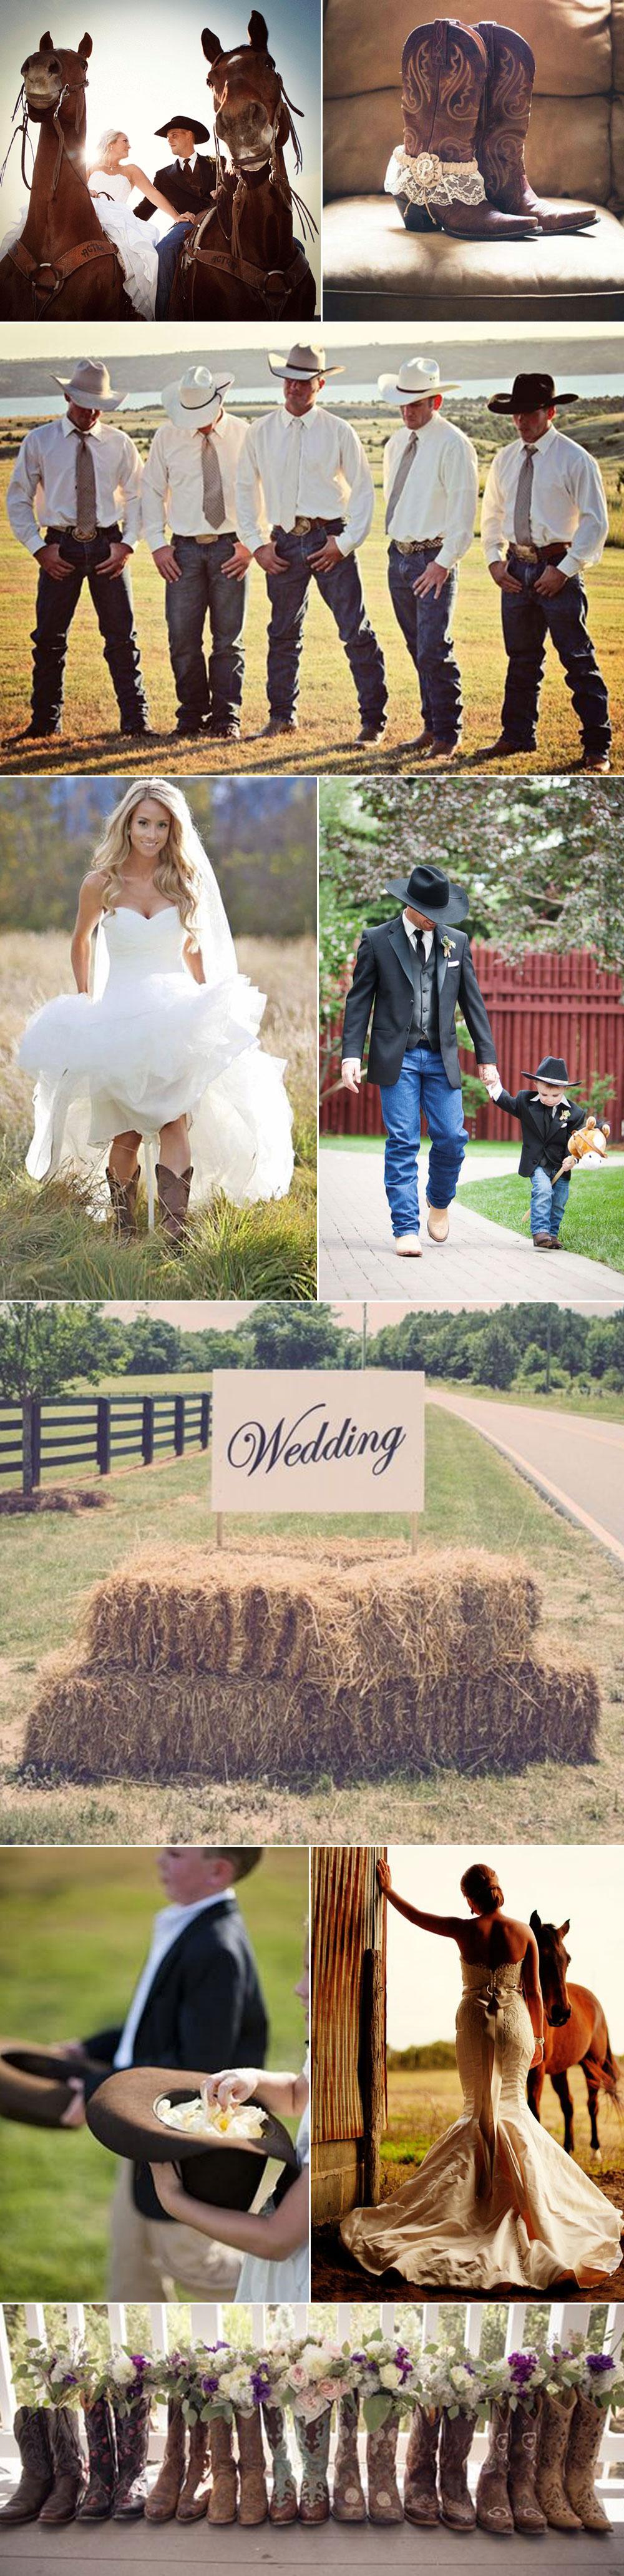 Western Wedding Ideas | Wedding Ideas For Country Western Weddings Wedding Ties